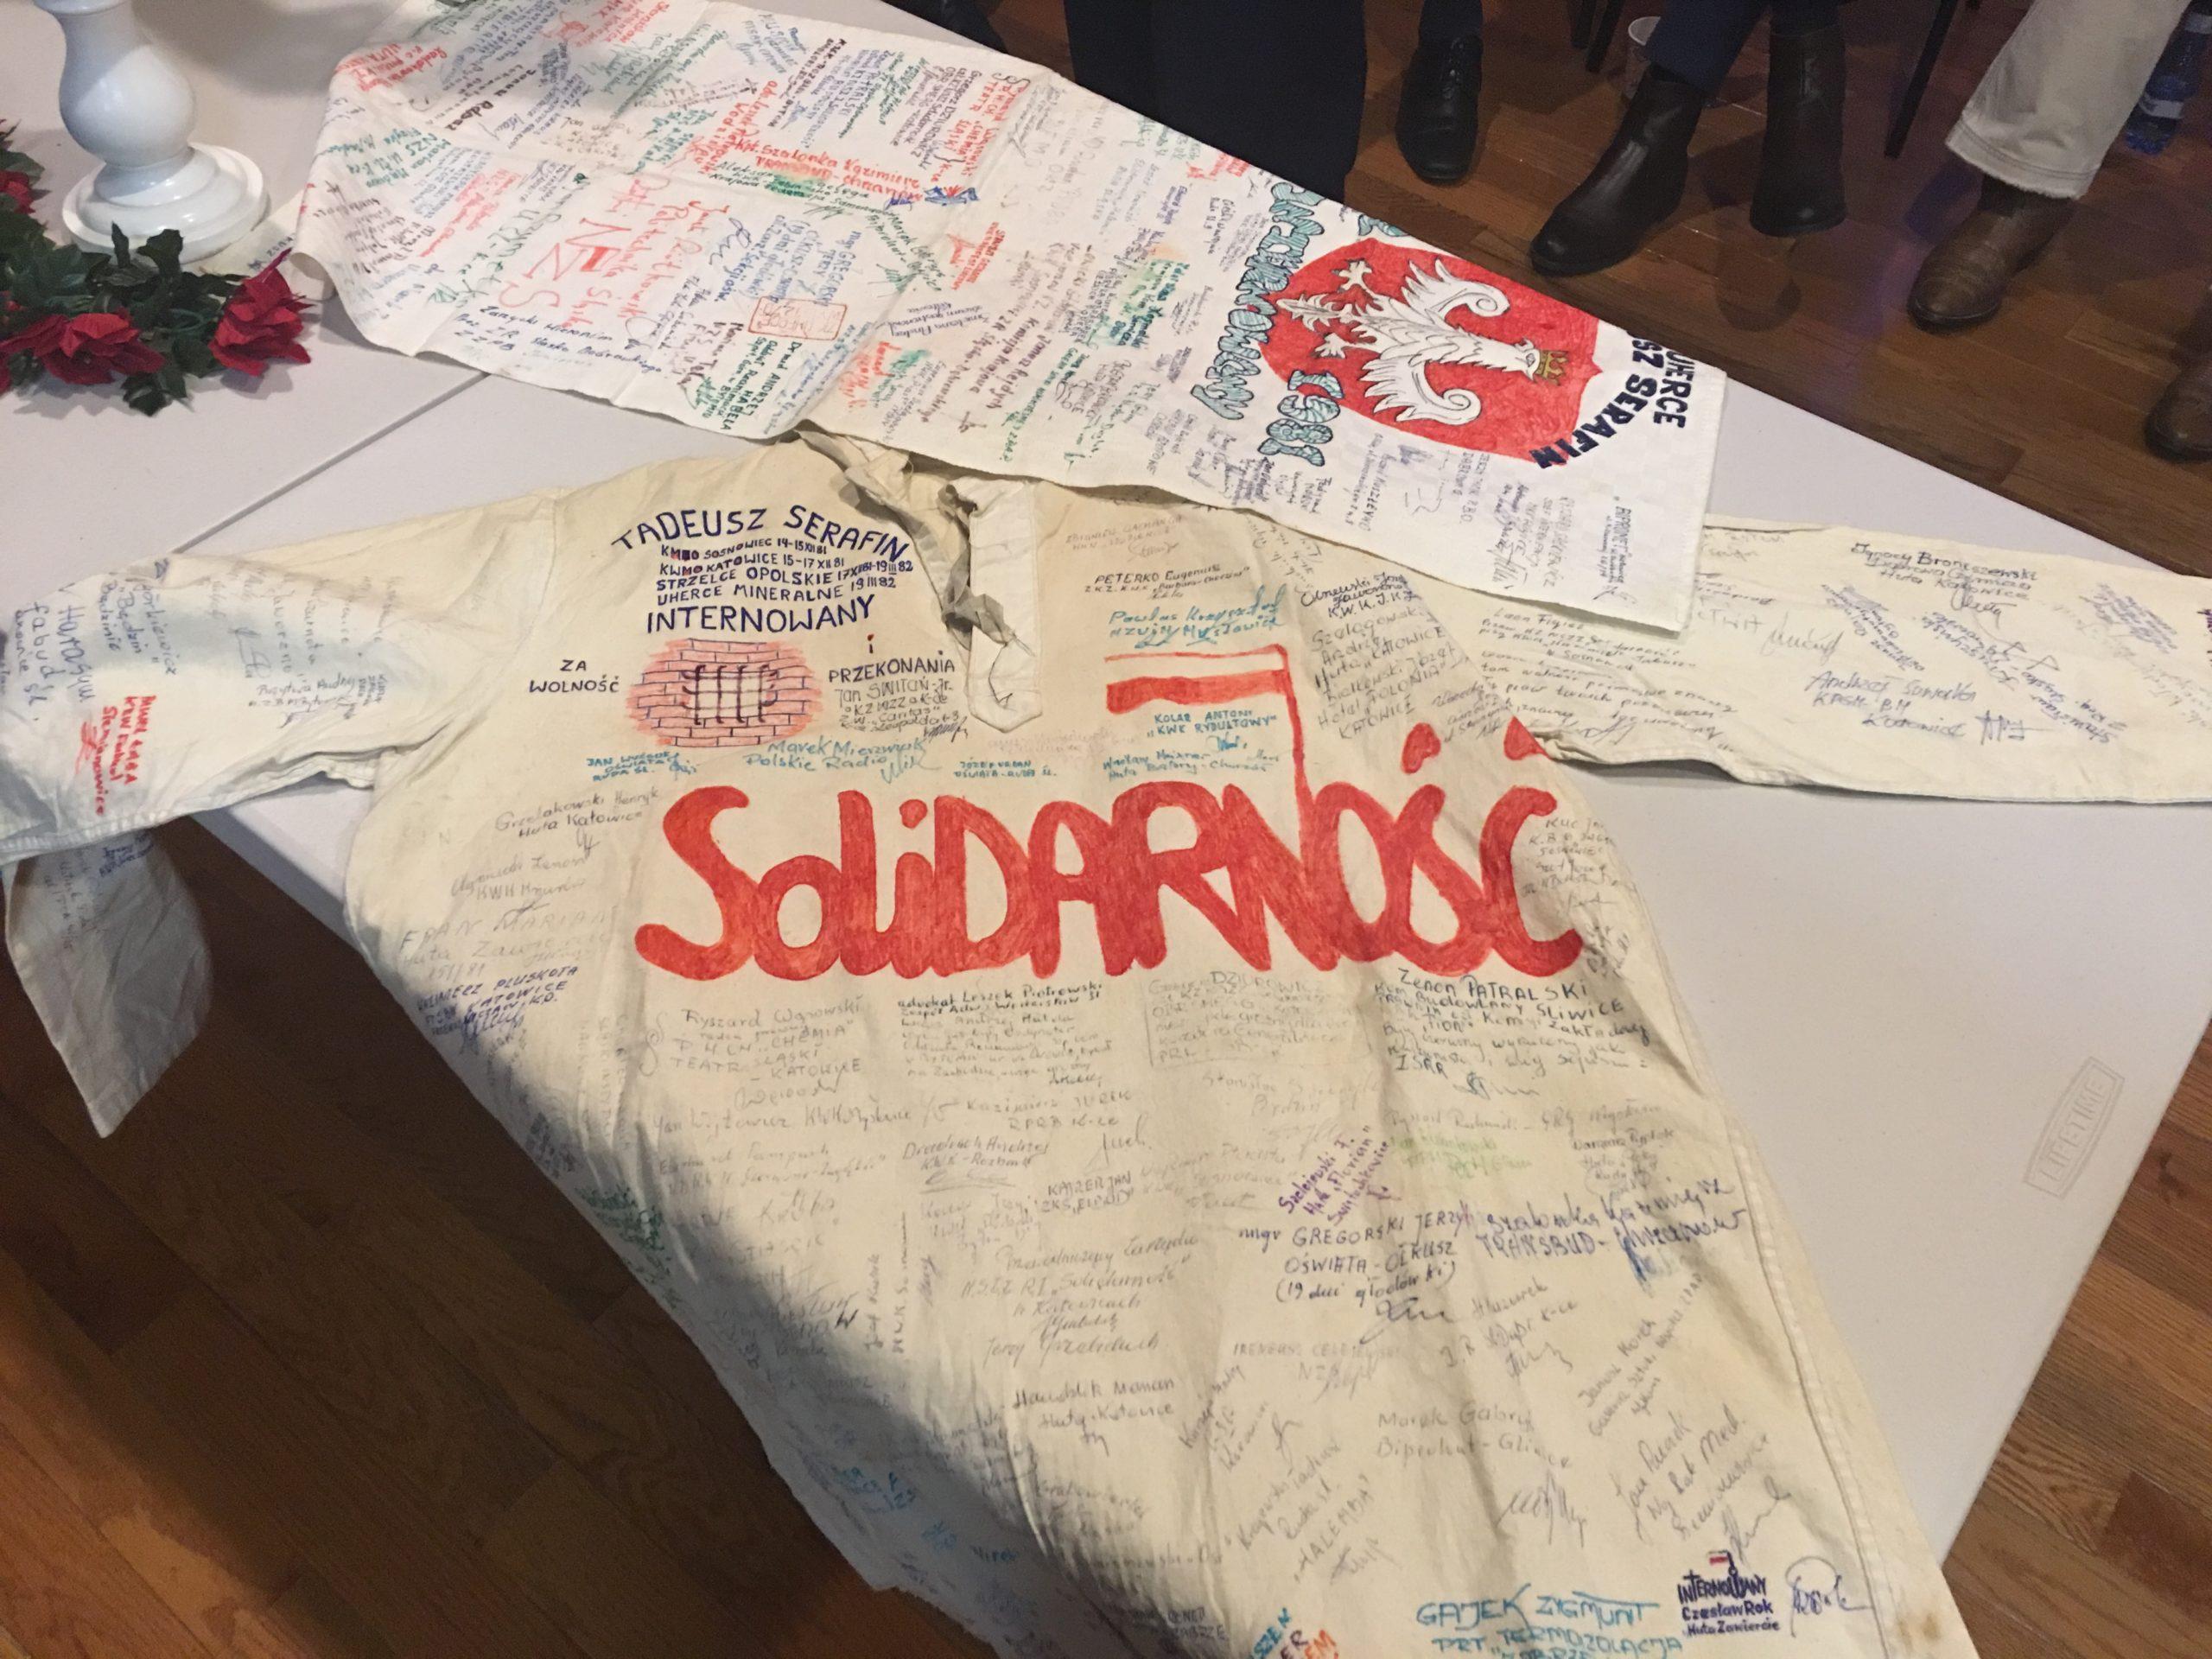 38 lat temu Polska stanęła w obliczu wewnętrznej walki, kiedy tuż po II Wojnie Światowej reżimowy system zniewolił ponownie dumny polski naród, tak bardzo kochający swoją wolność. Komunistyczne siły za wszelką cenę chciał utrzymać władzę, czas został wybrany nieprzypadkowo. Grudzień był i jest w świadomości Polaków okresem szczególnym to czas gorących przygotowań do zbliżających się świat Bożego Narodzenia. 13 grudzień 1981